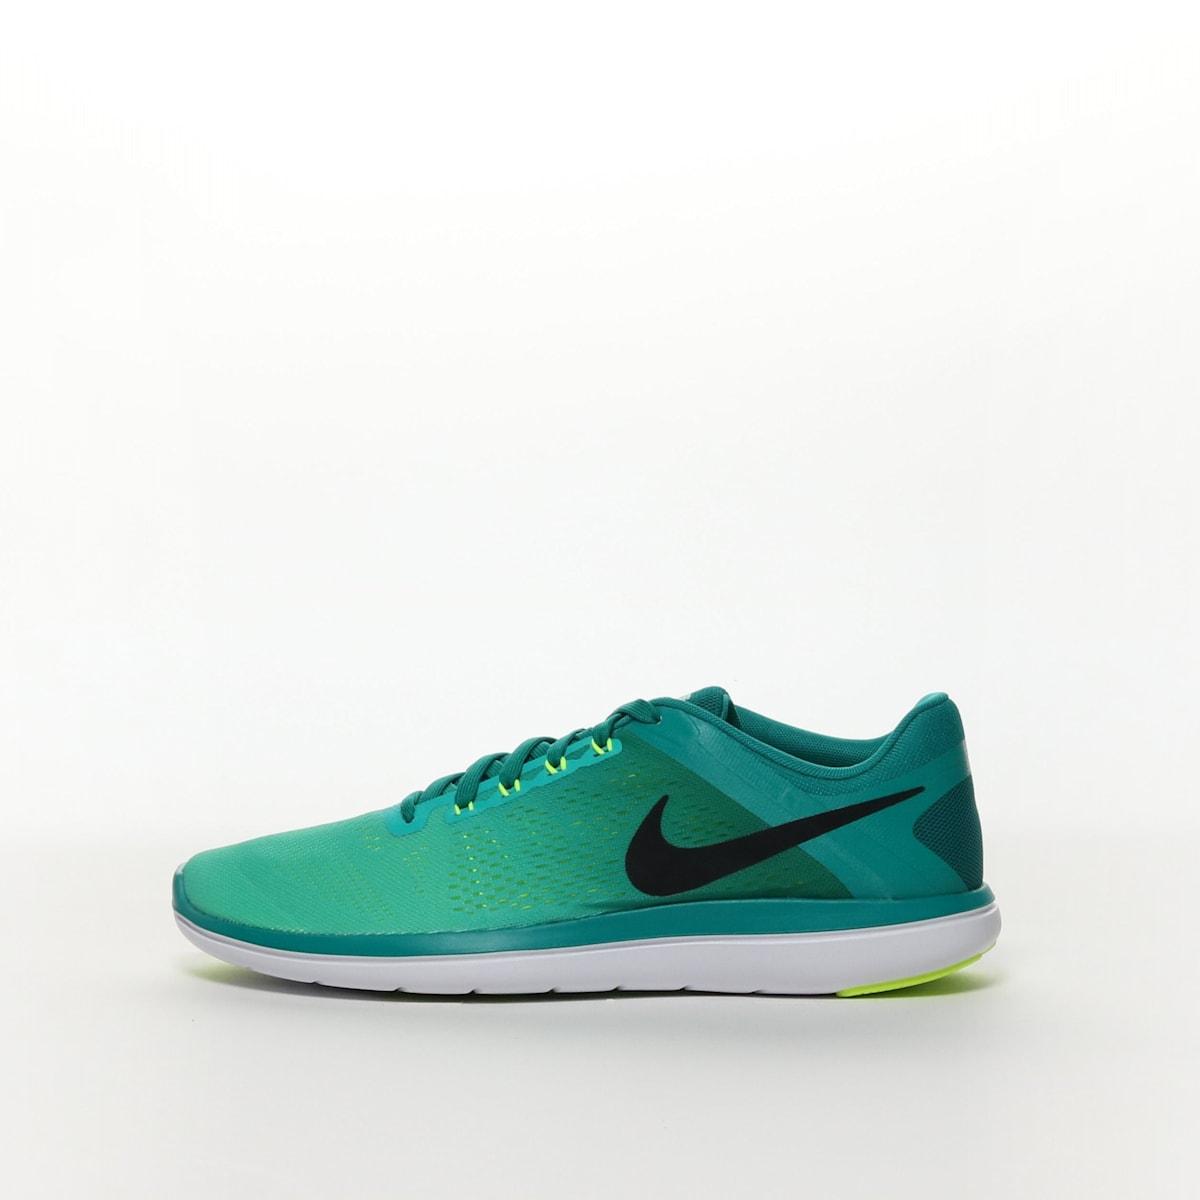 16a8a77534f Men s Nike Flex 2016 RN Running Shoe - RIOTEA BLACK – Resku